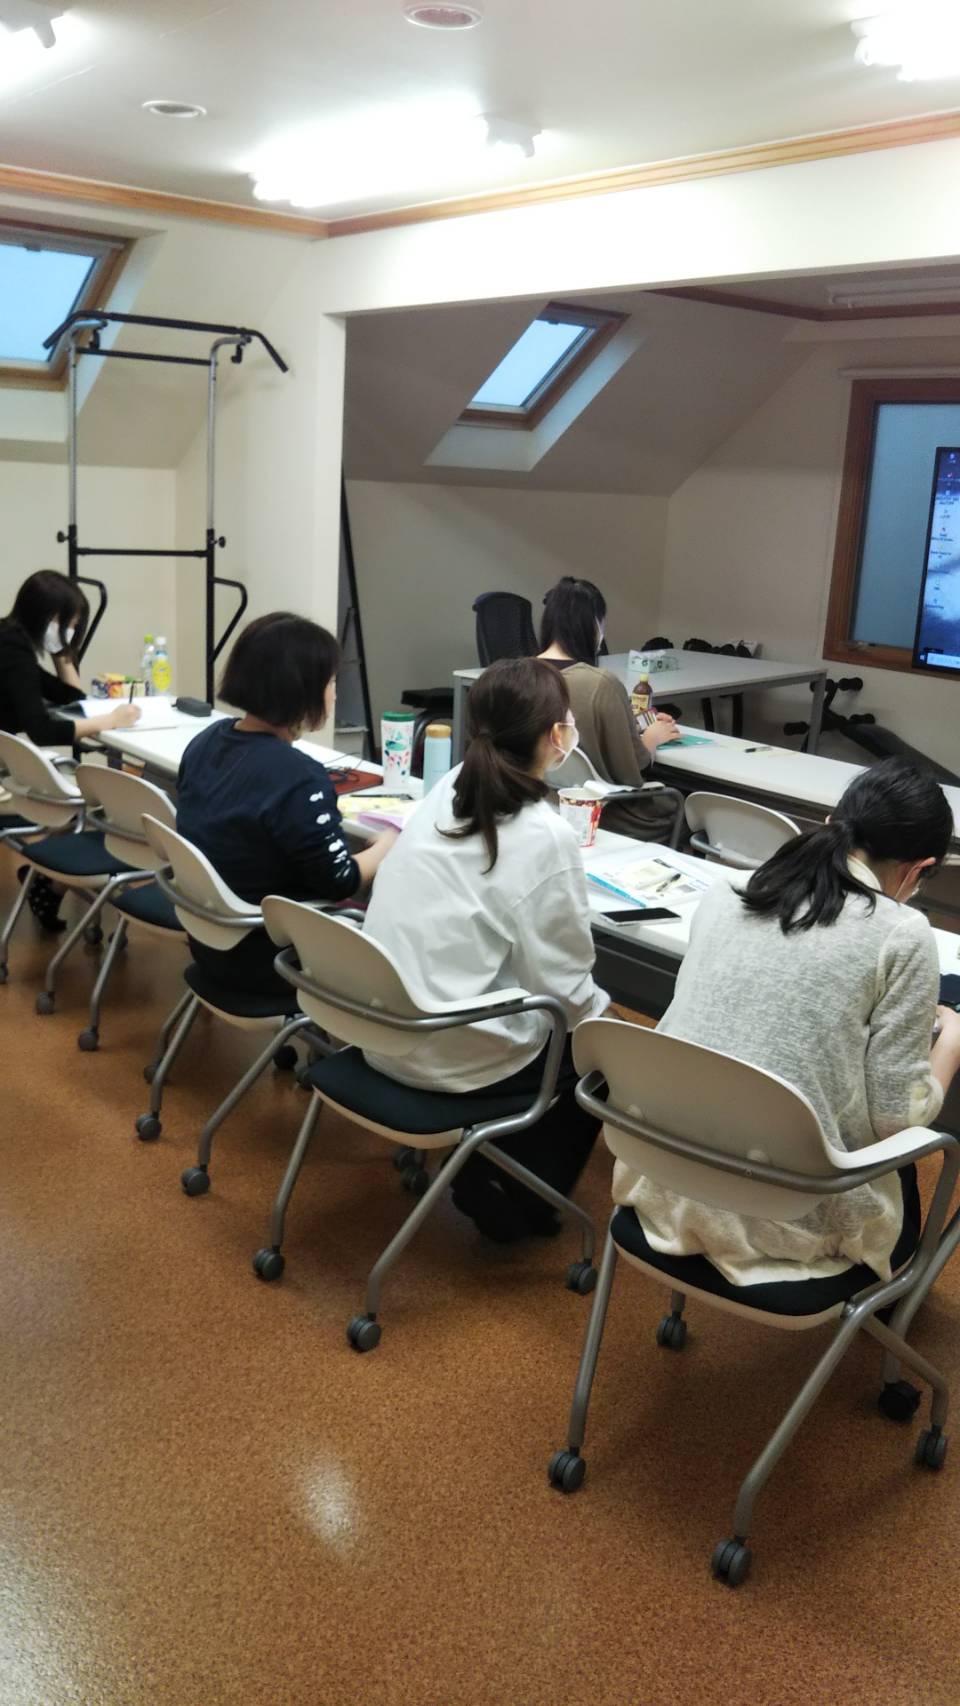 【臨床病理科】5月勉強会 ~看護師も日々研鑽⑥~|5月勉強会|りんごの樹動物病院 | 愛知県安城市の動物病院です